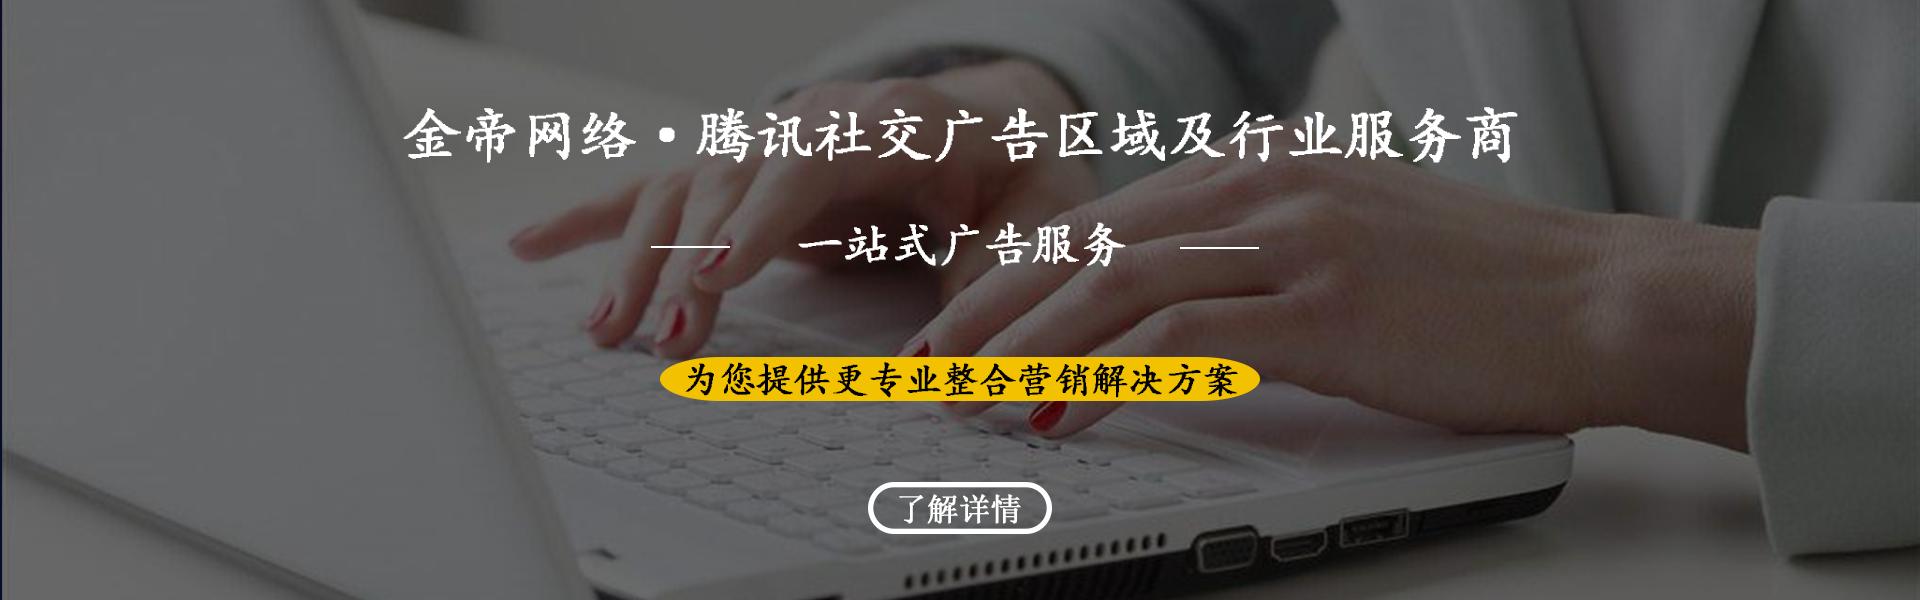 金帝网络科技有限公司